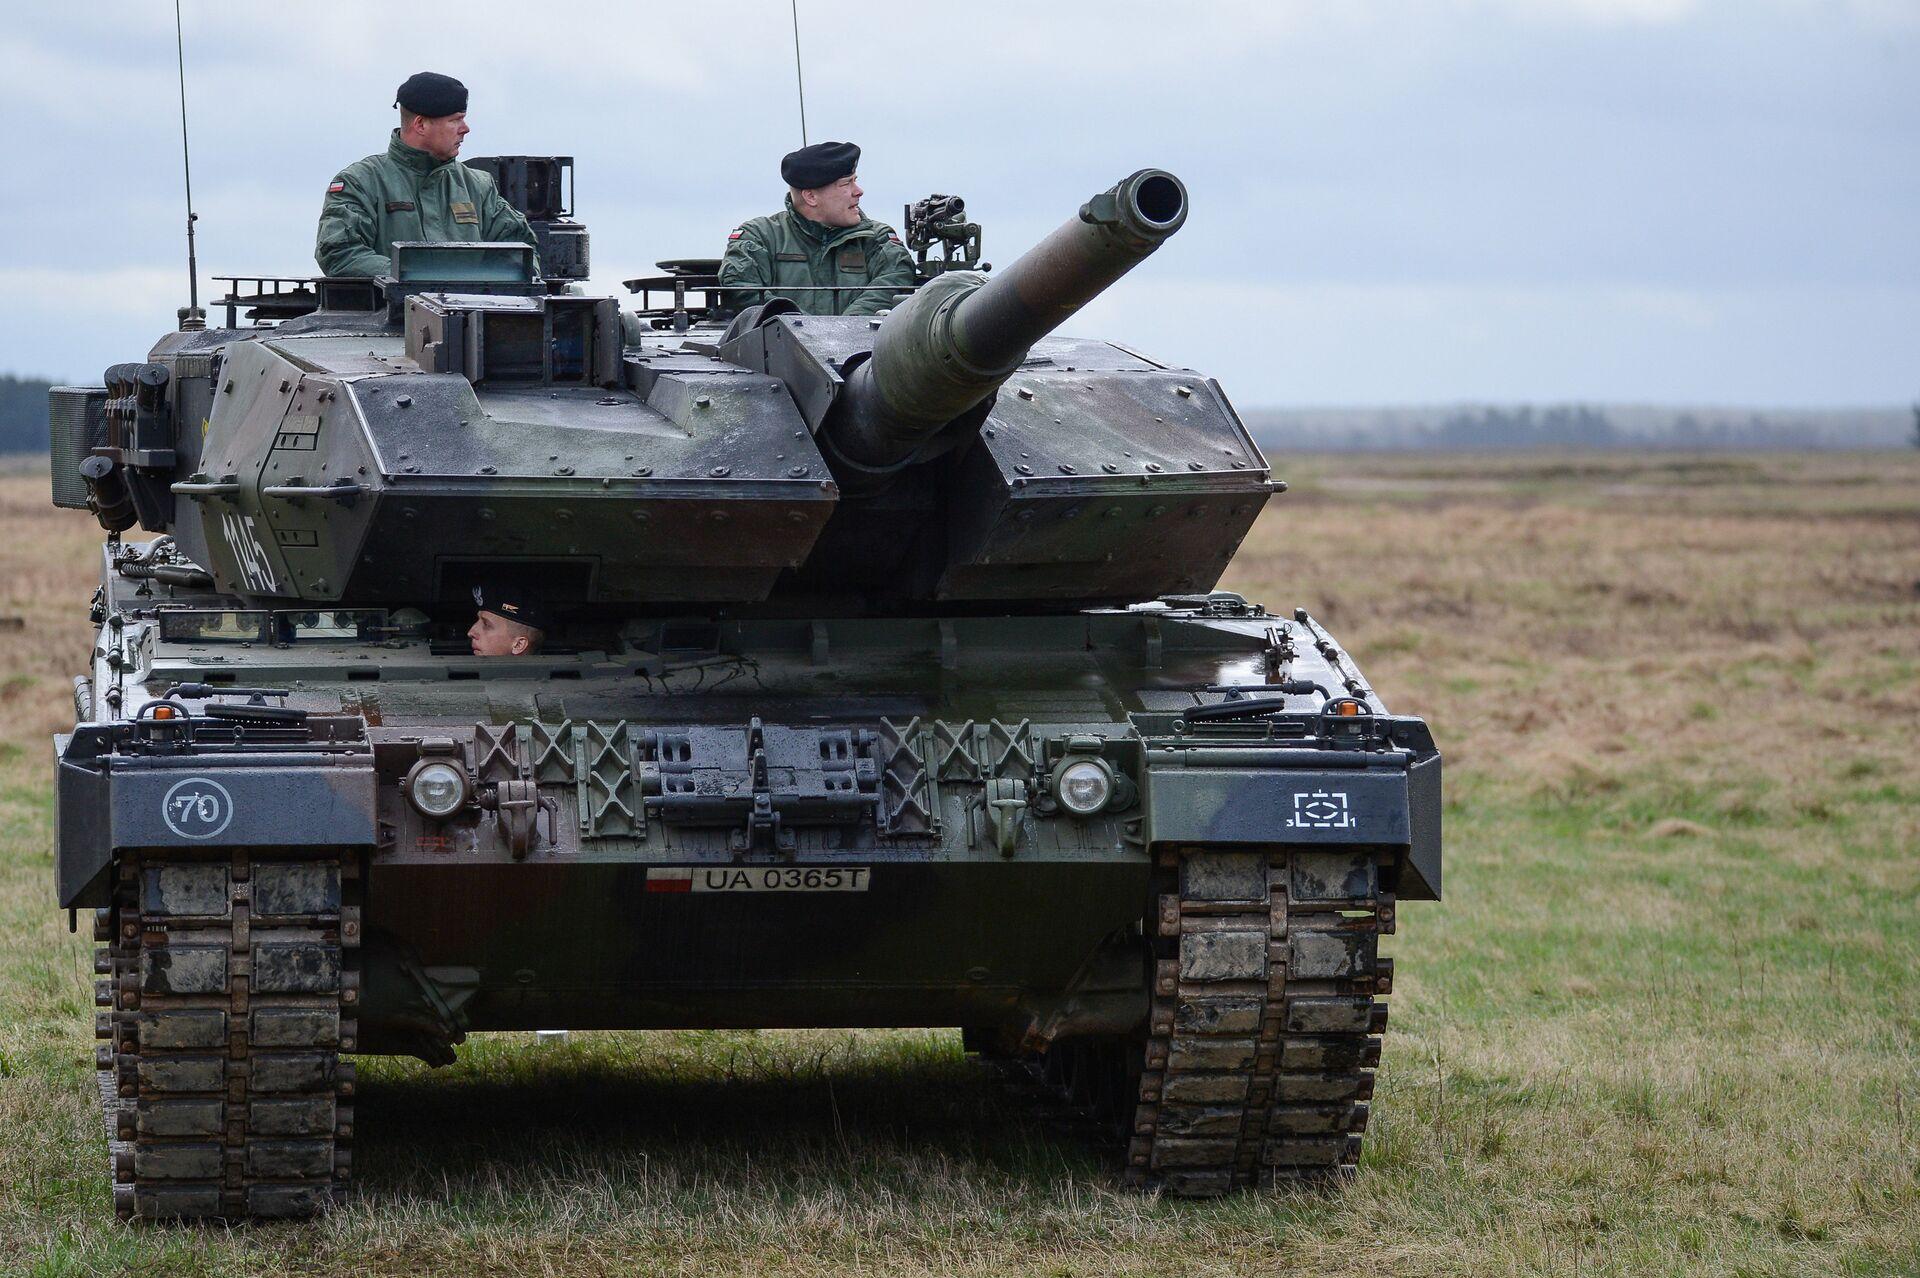 Танк PT-91 Тварды на церемонии приветствия многонационального батальона НАТО под руководством США в польском Ожише - РИА Новости, 1920, 05.02.2021